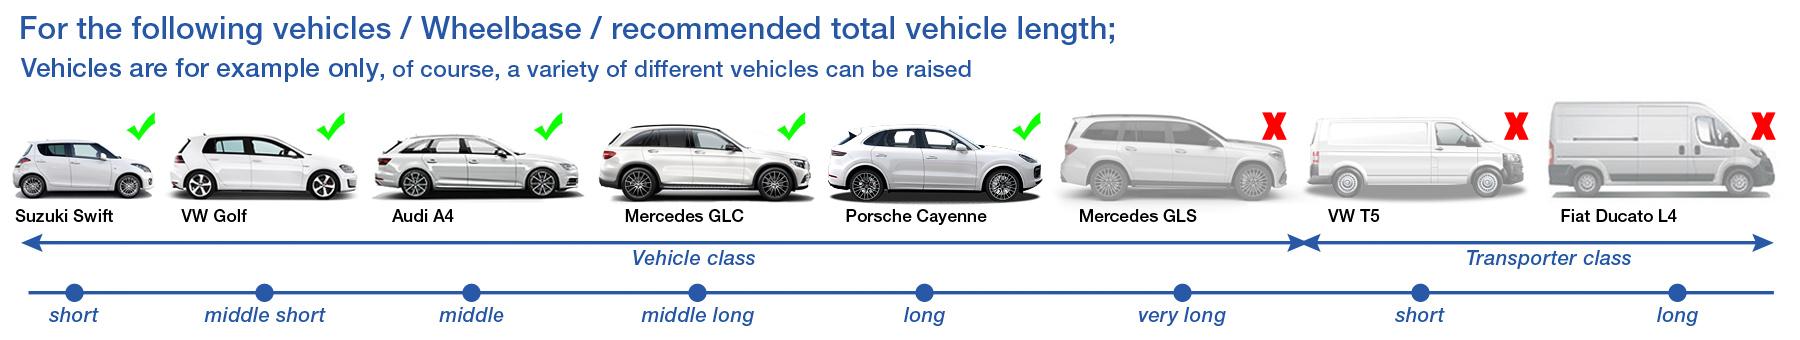 Vehicle type Wheelbase